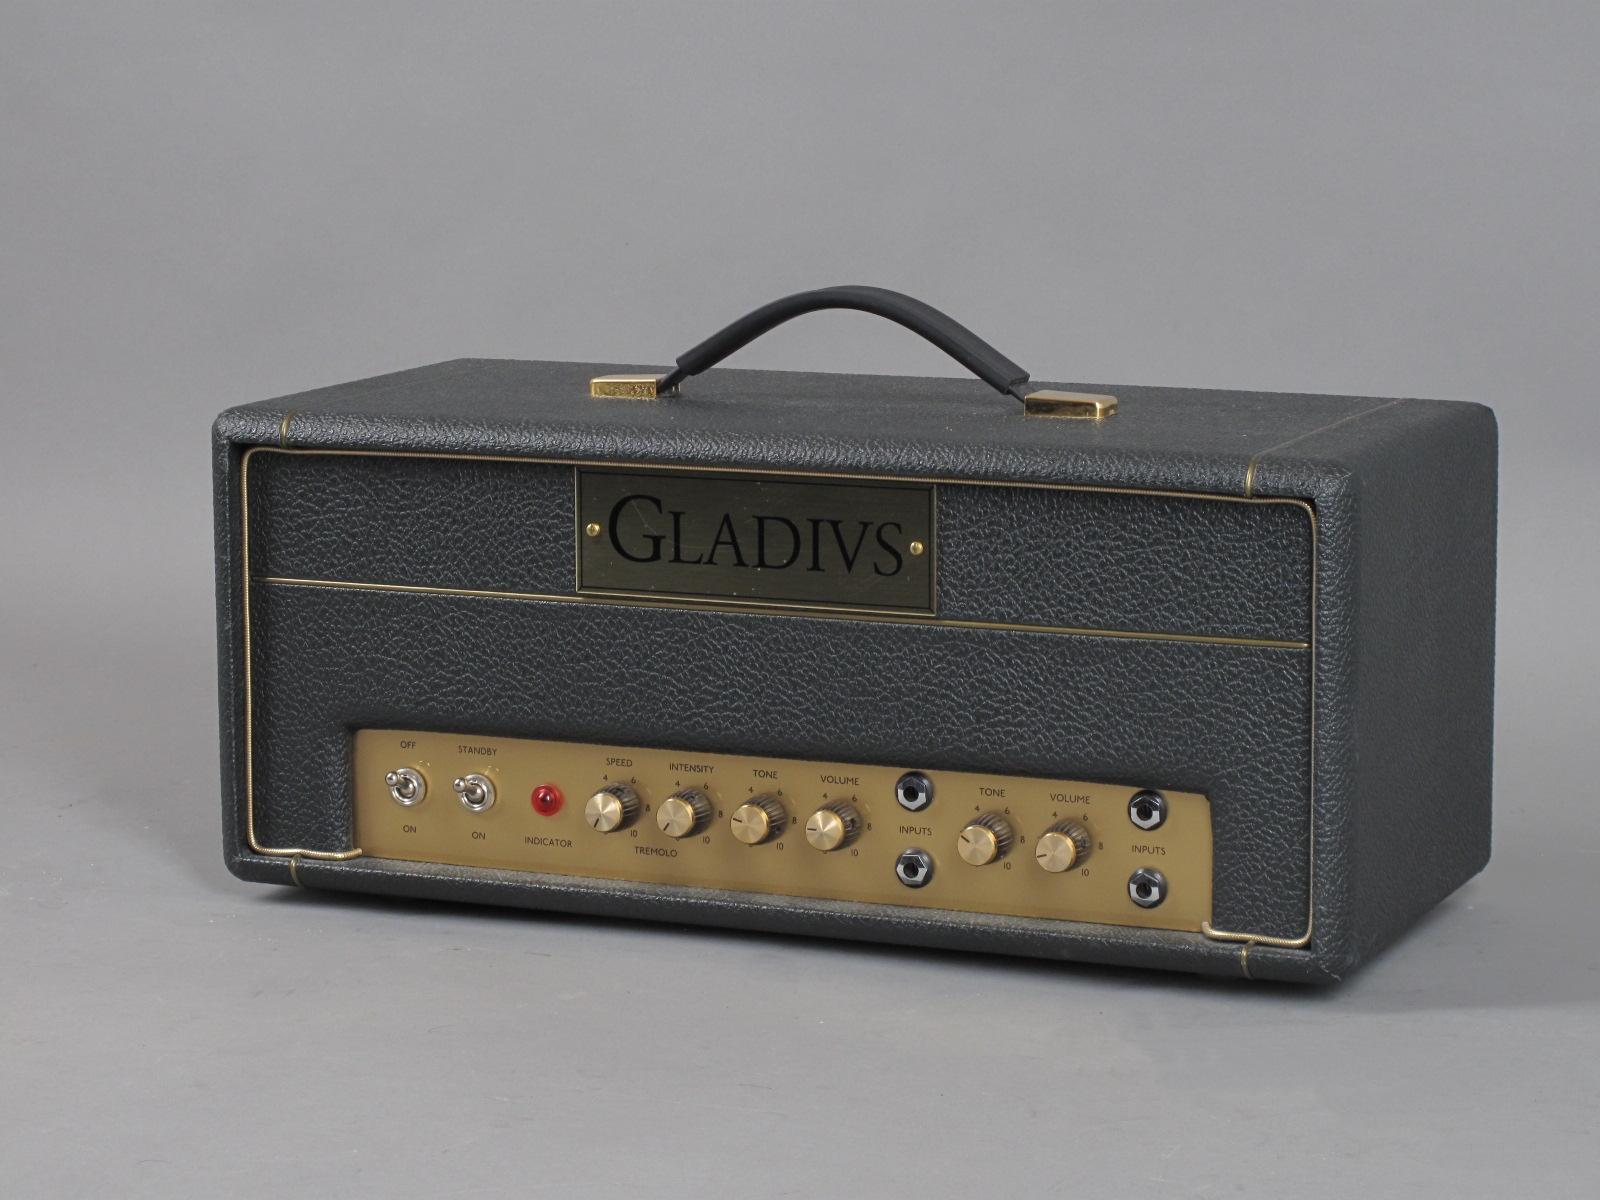 https://guitarpoint.de/app/uploads/products/2000s-gladius-avt-18/2000-Gladius-AVT18-019_2.jpg